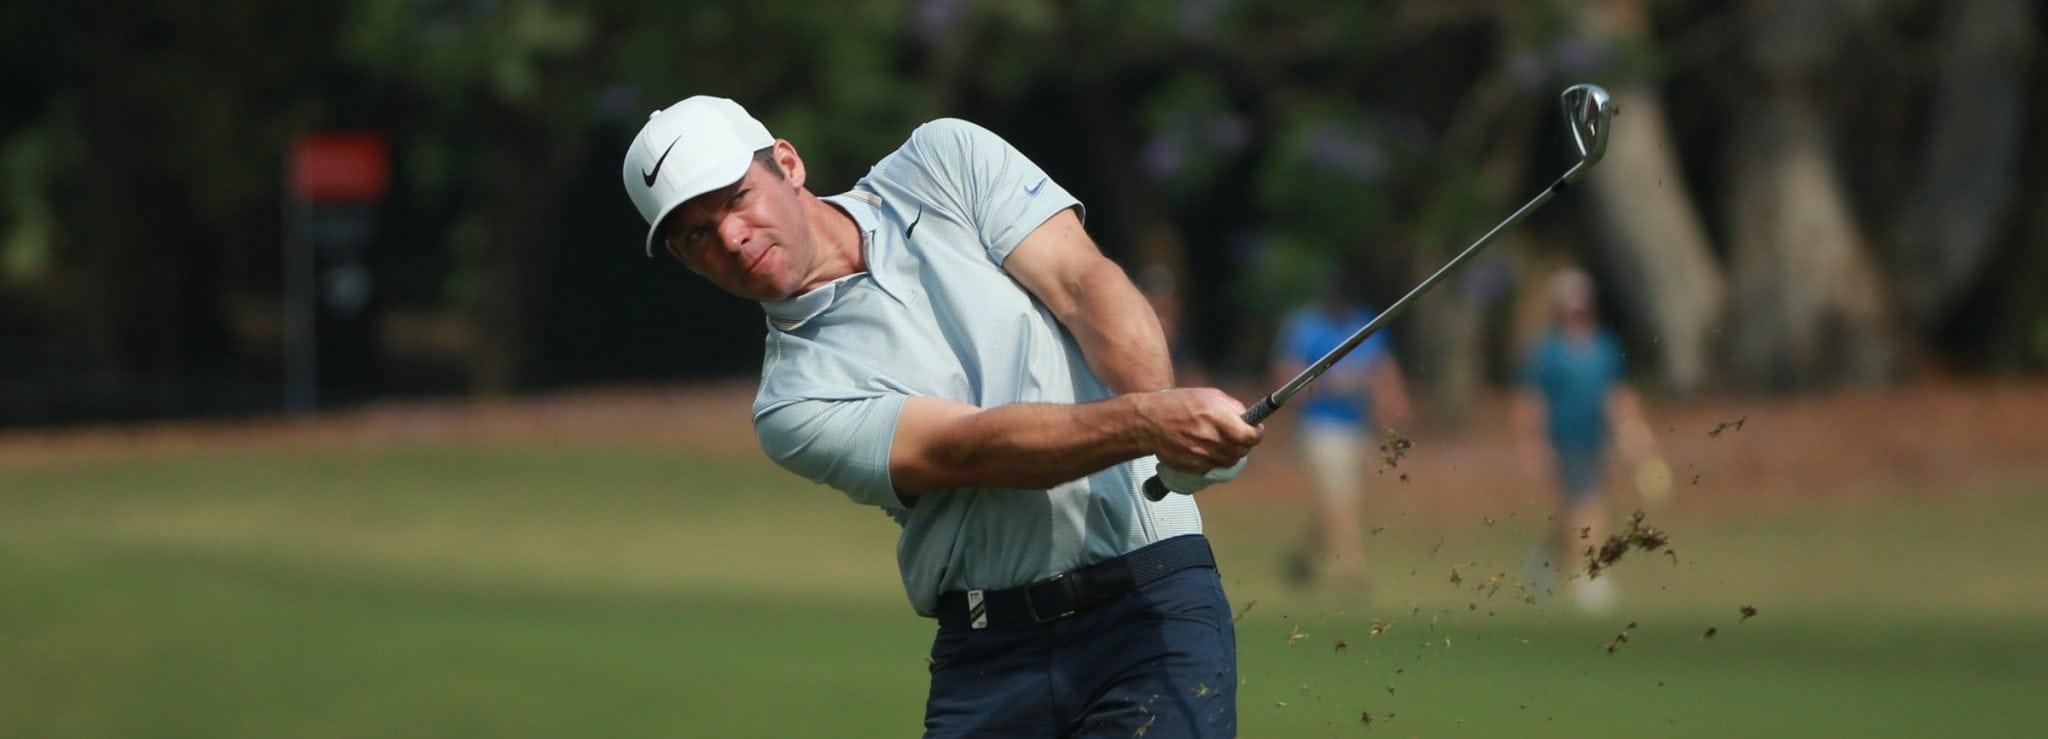 Paul Casey leads the Australian Open by one